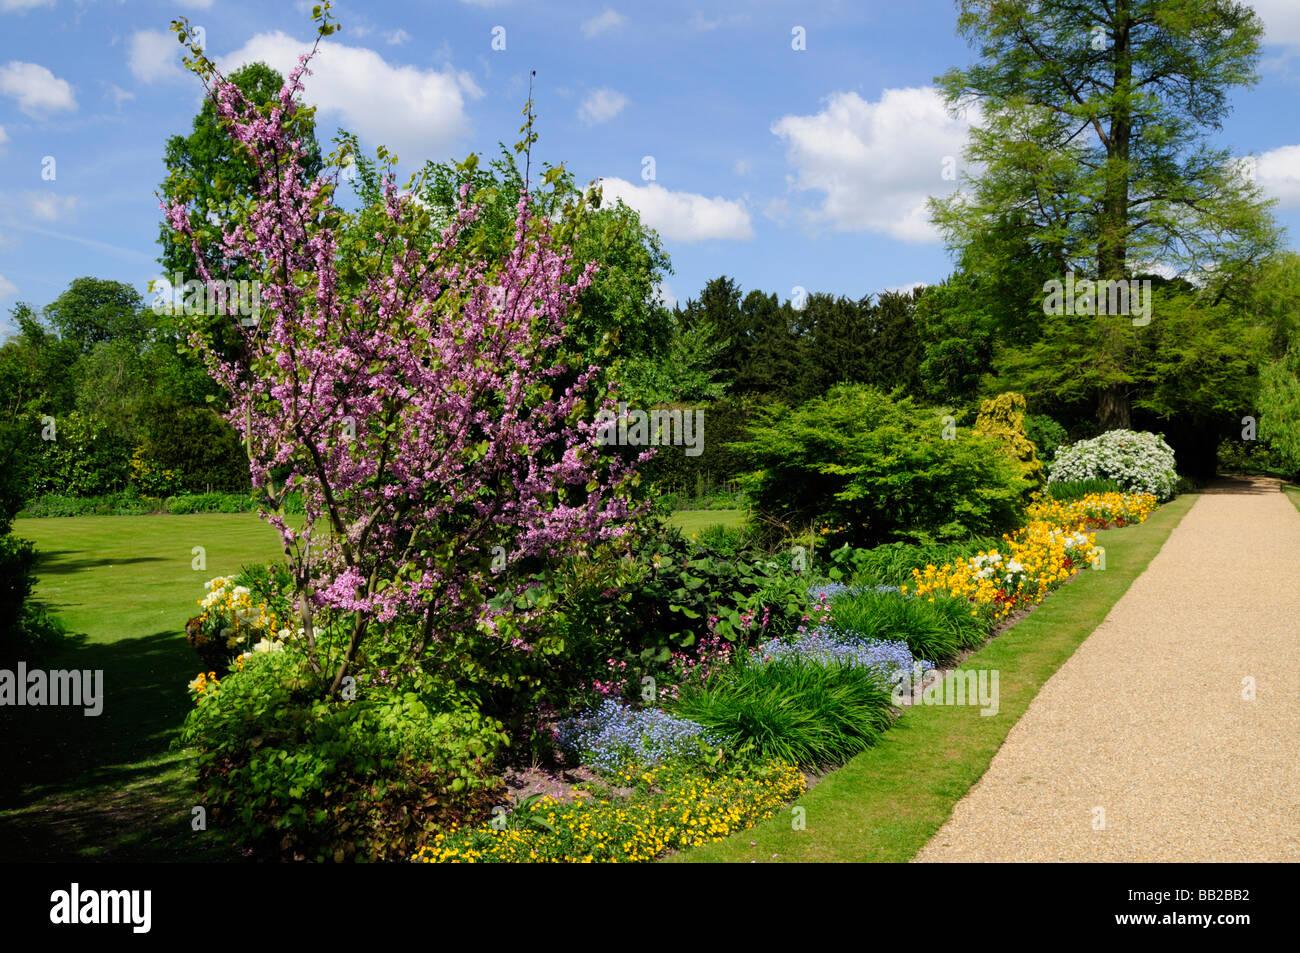 The Fellows Garden at Clare College cambridge England Uk - Stock Image